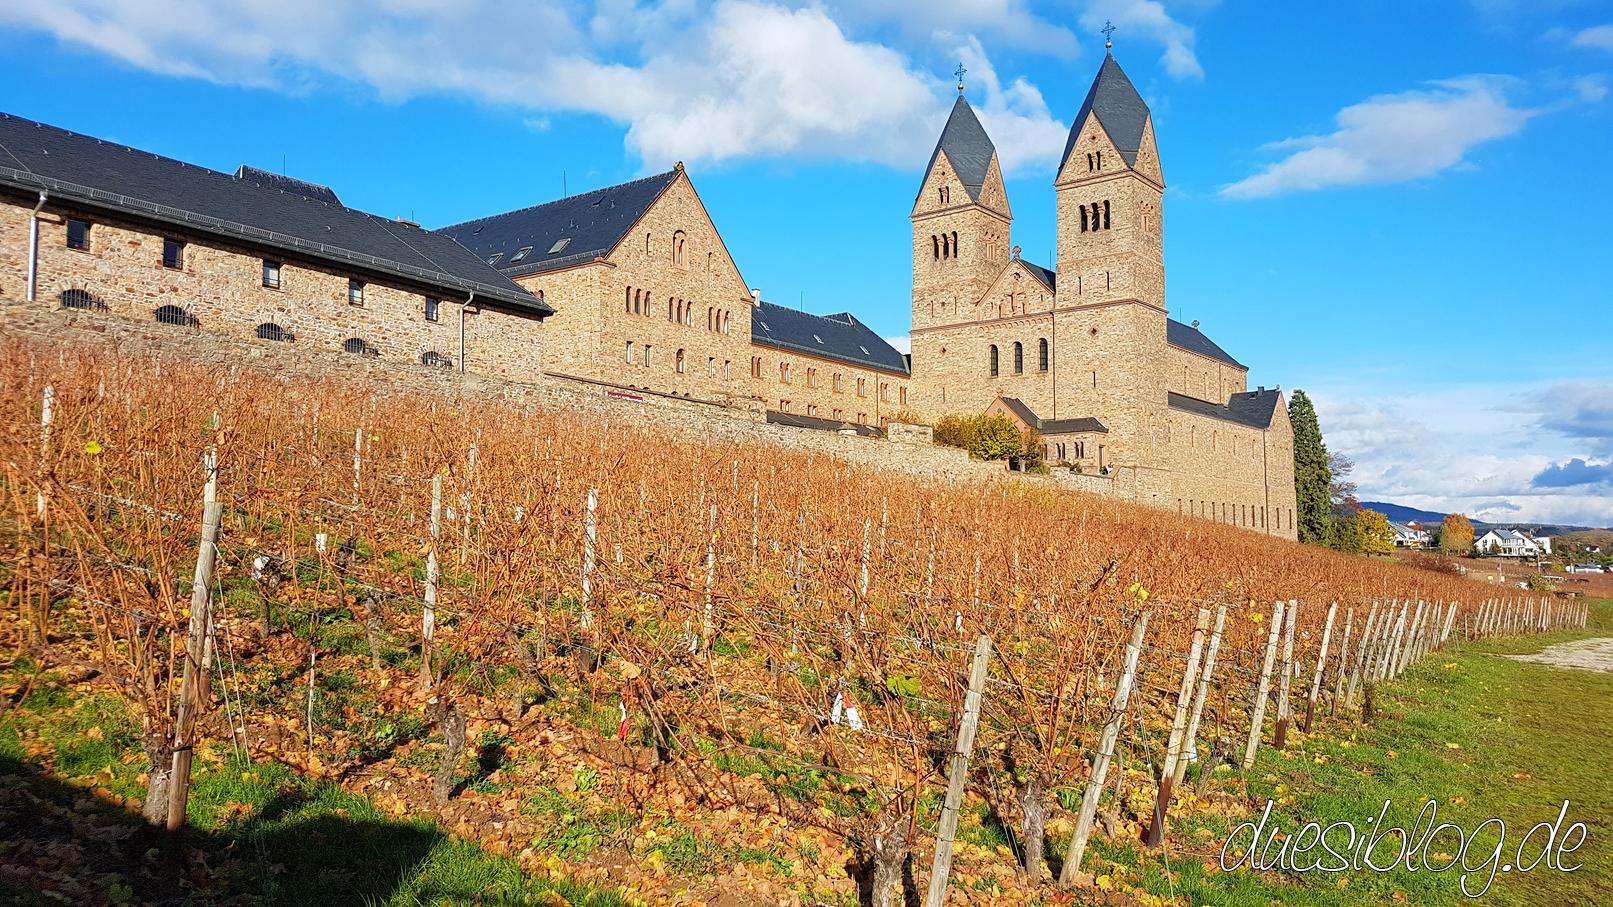 St Hildegard Rüdesheim Rheingau Travelblog duesiblog 14